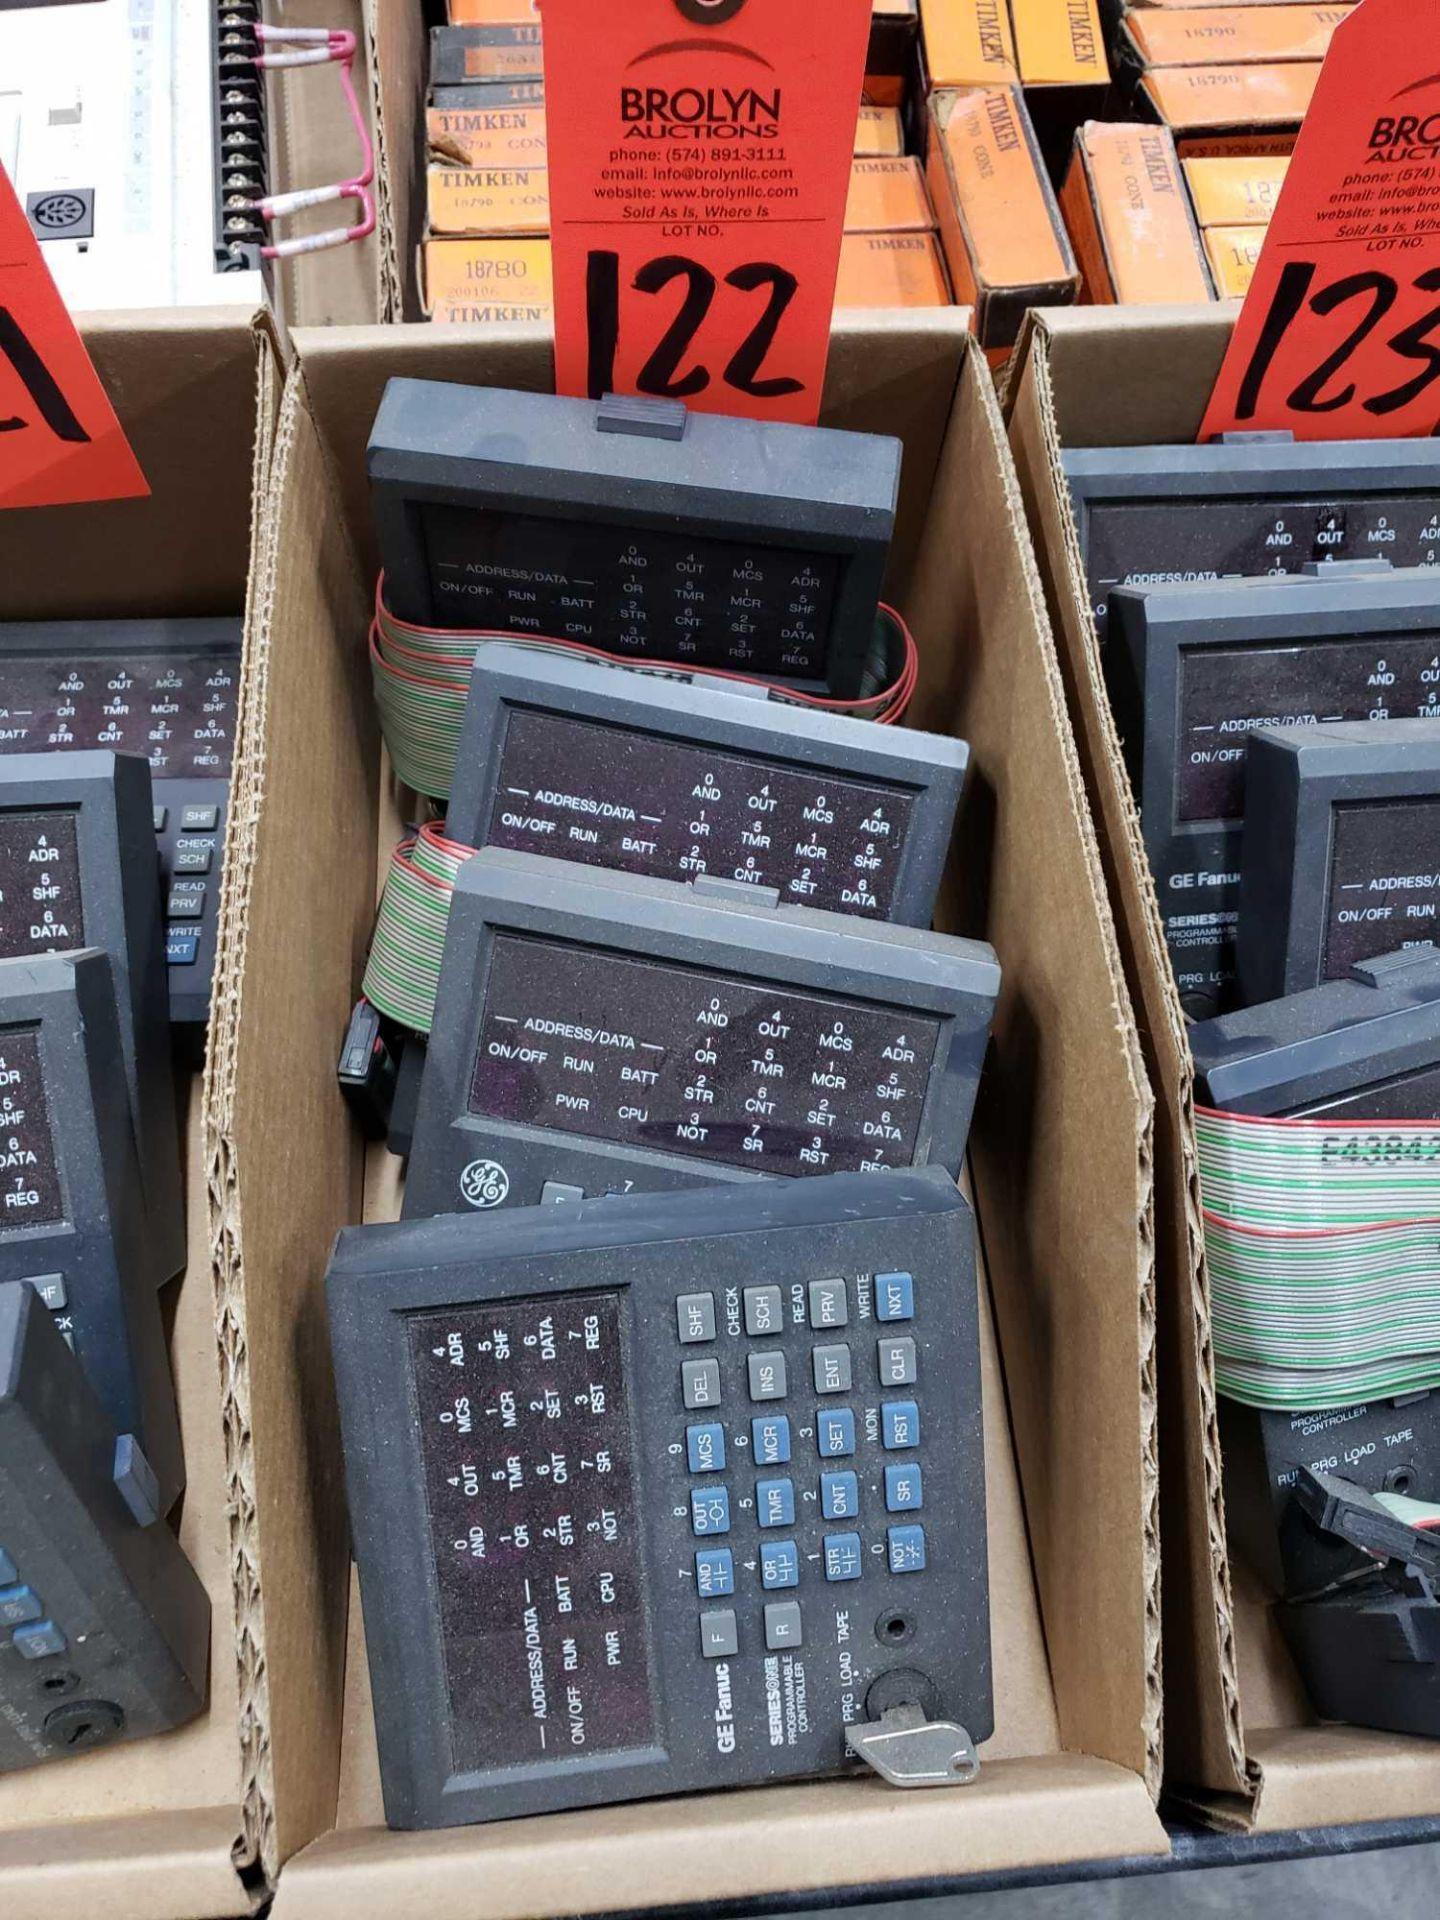 Lot 122 - Qty 4 - GE model IC610PRG105B controllers.